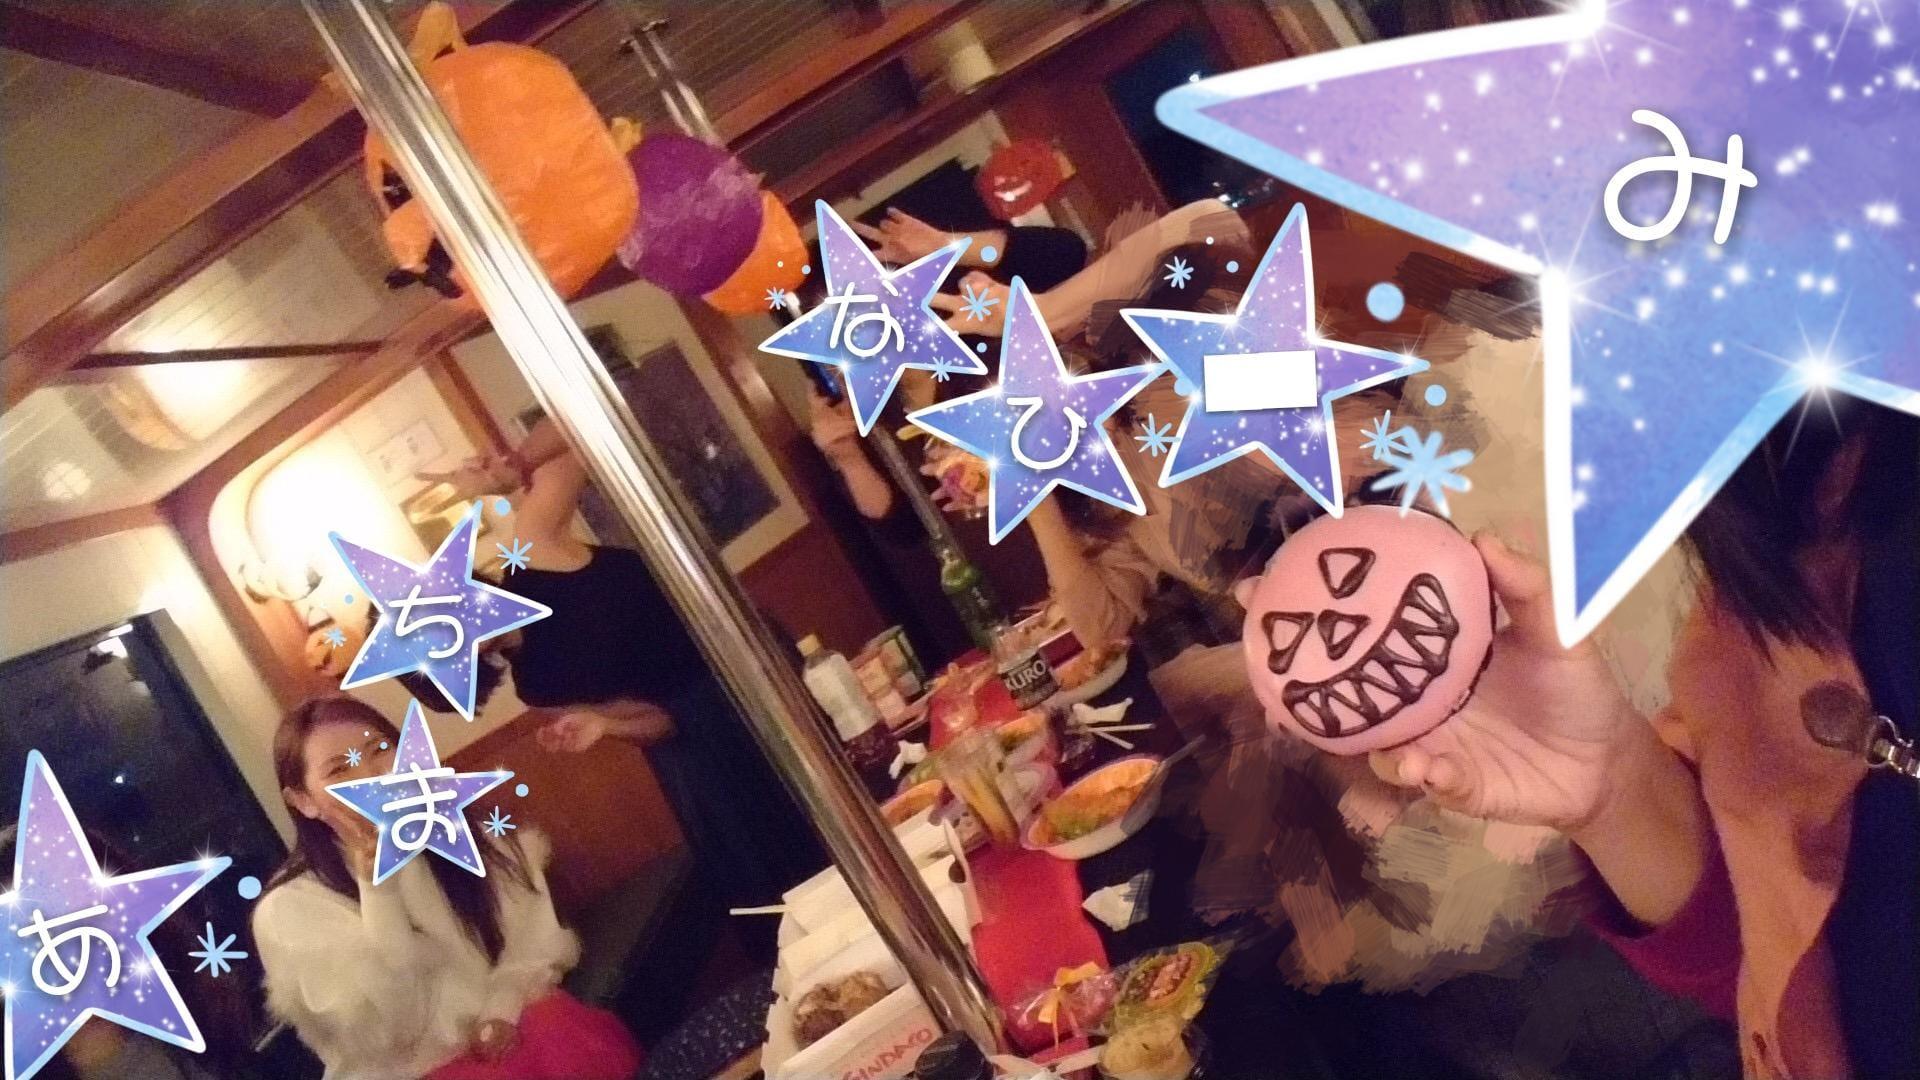 「#船上パーティー*☆*」10/16(火) 05:00 | 舞鶴の写メ・風俗動画